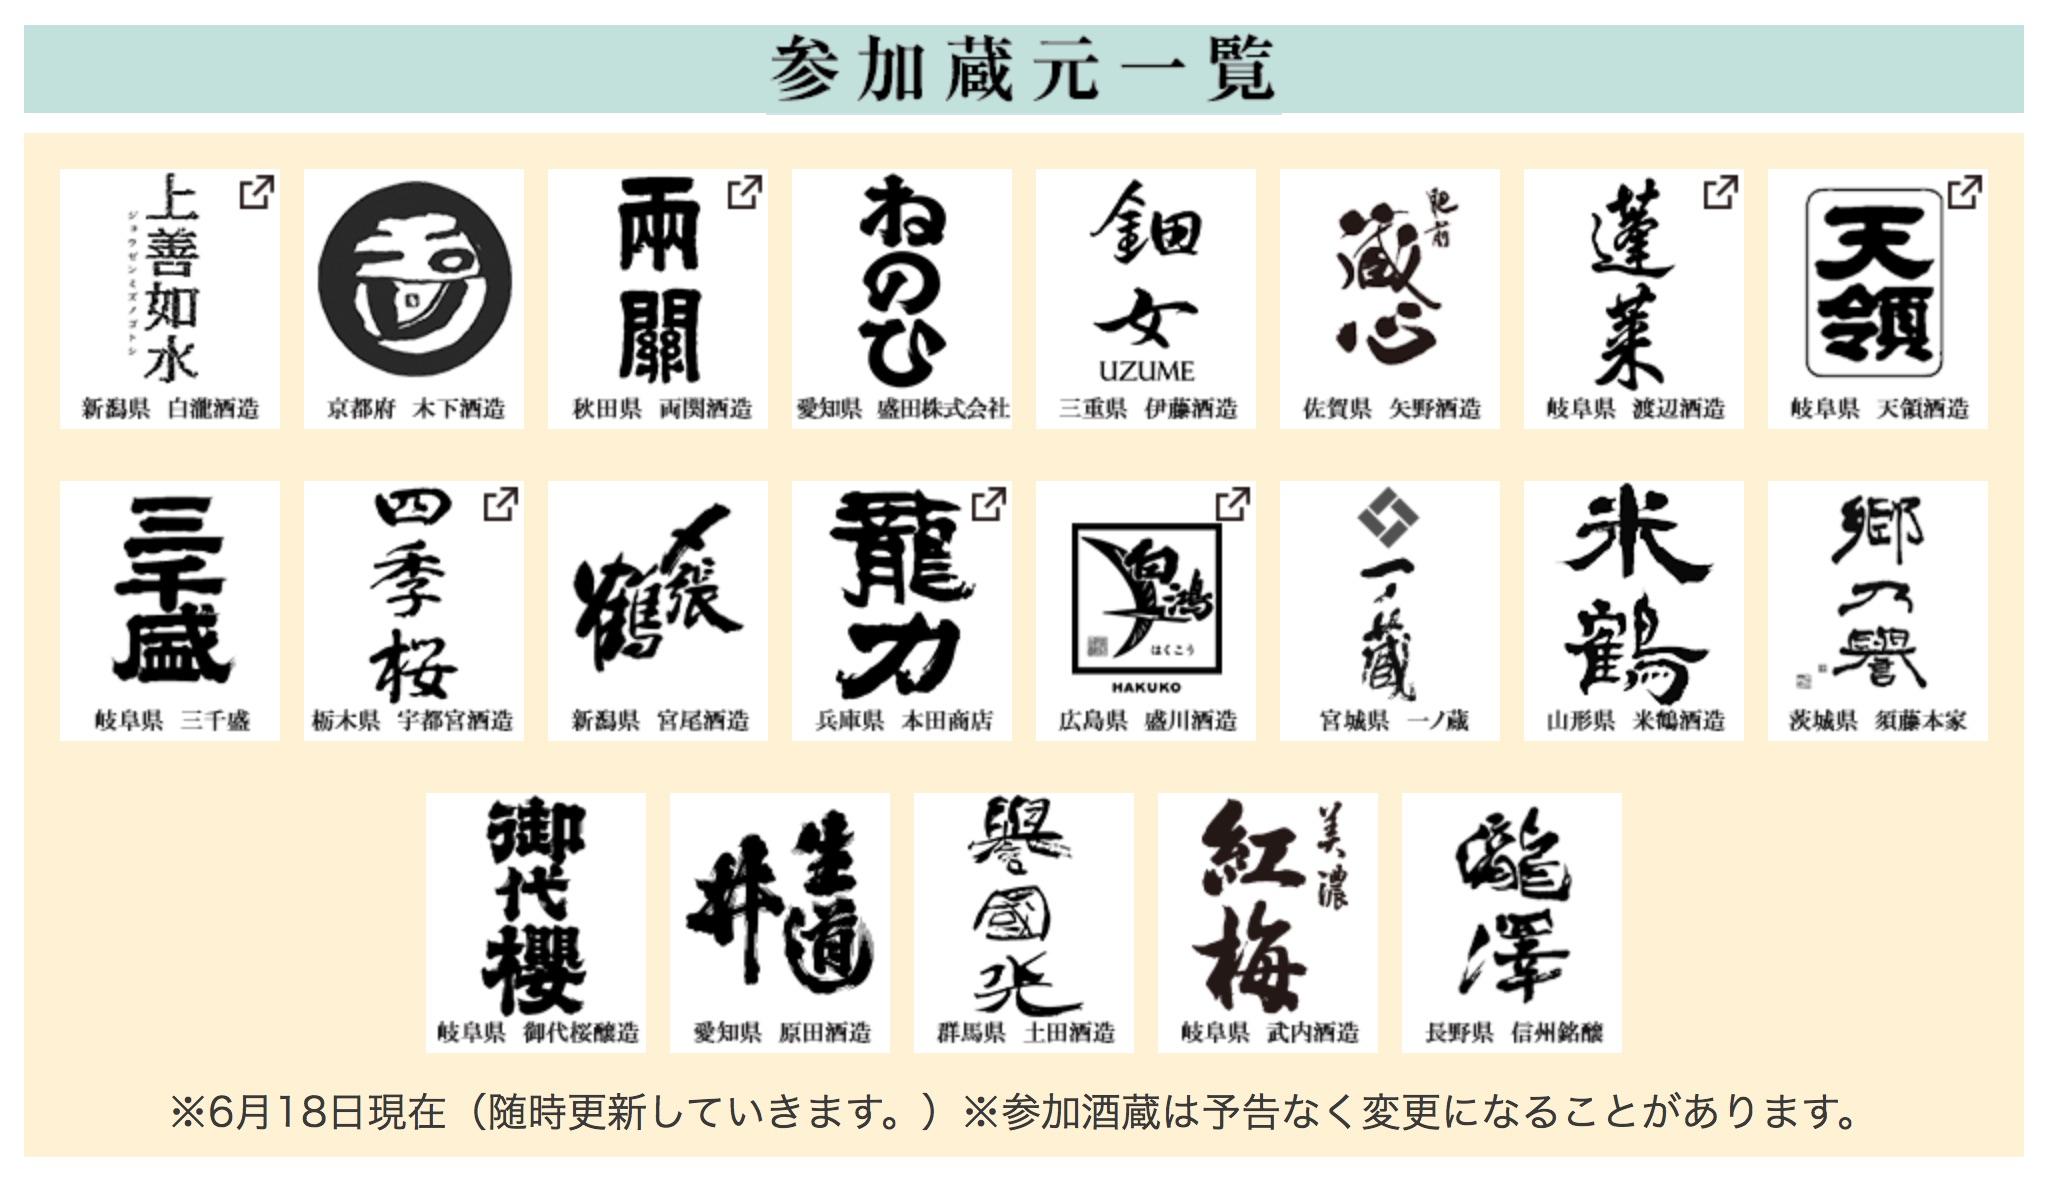 日本酒・ワイン好き集合! 6月29~30日、名古屋で「SAKEフェス」が開催 - contents sakefes kuramoto